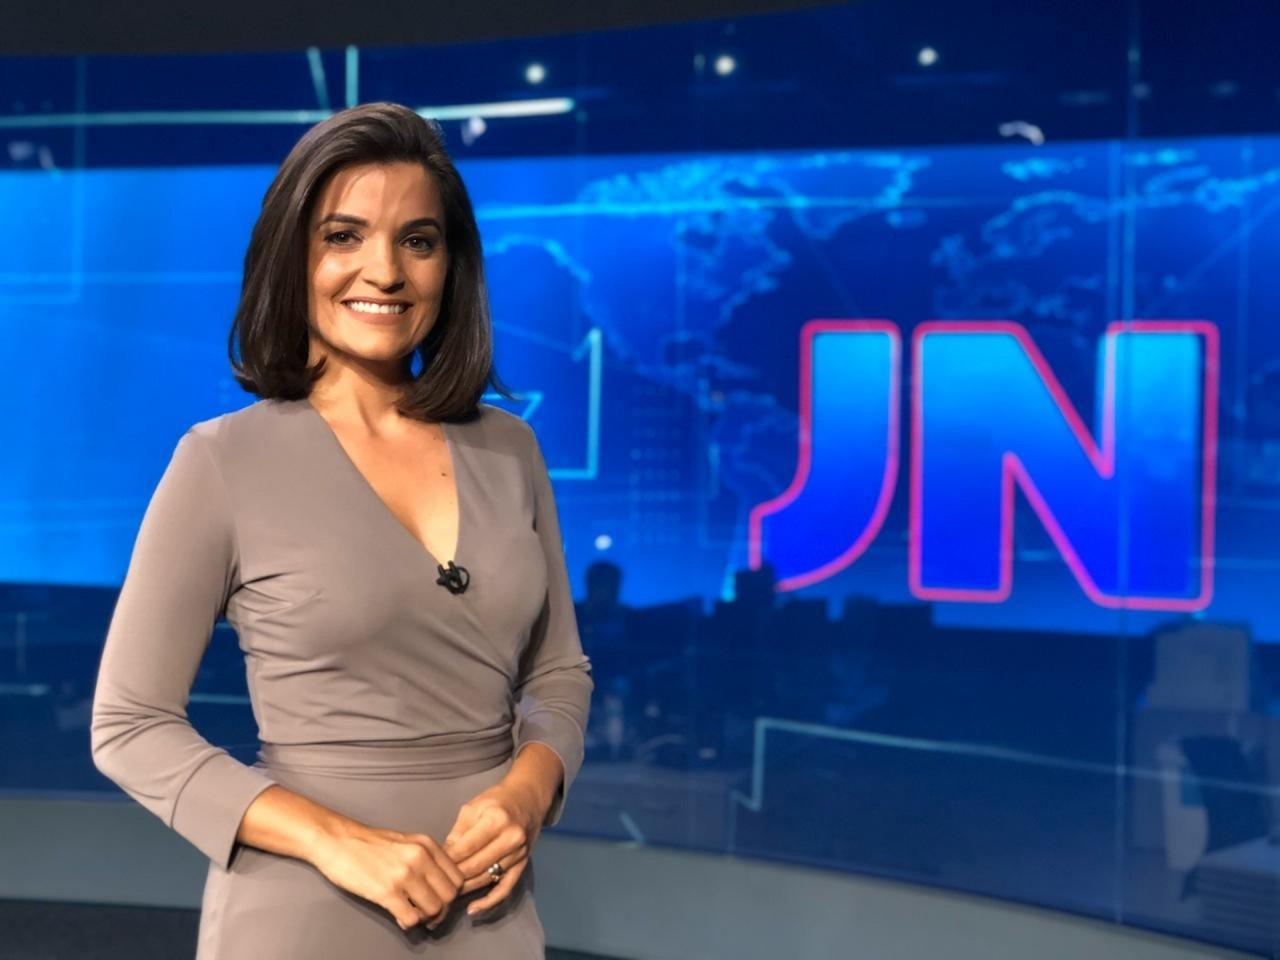 LARISSA PEREIRA - DA PARAÍBA PARA O BRASIL: Larissa Pereira entra para rodízio fixo de apresentadores do Jornal Nacional